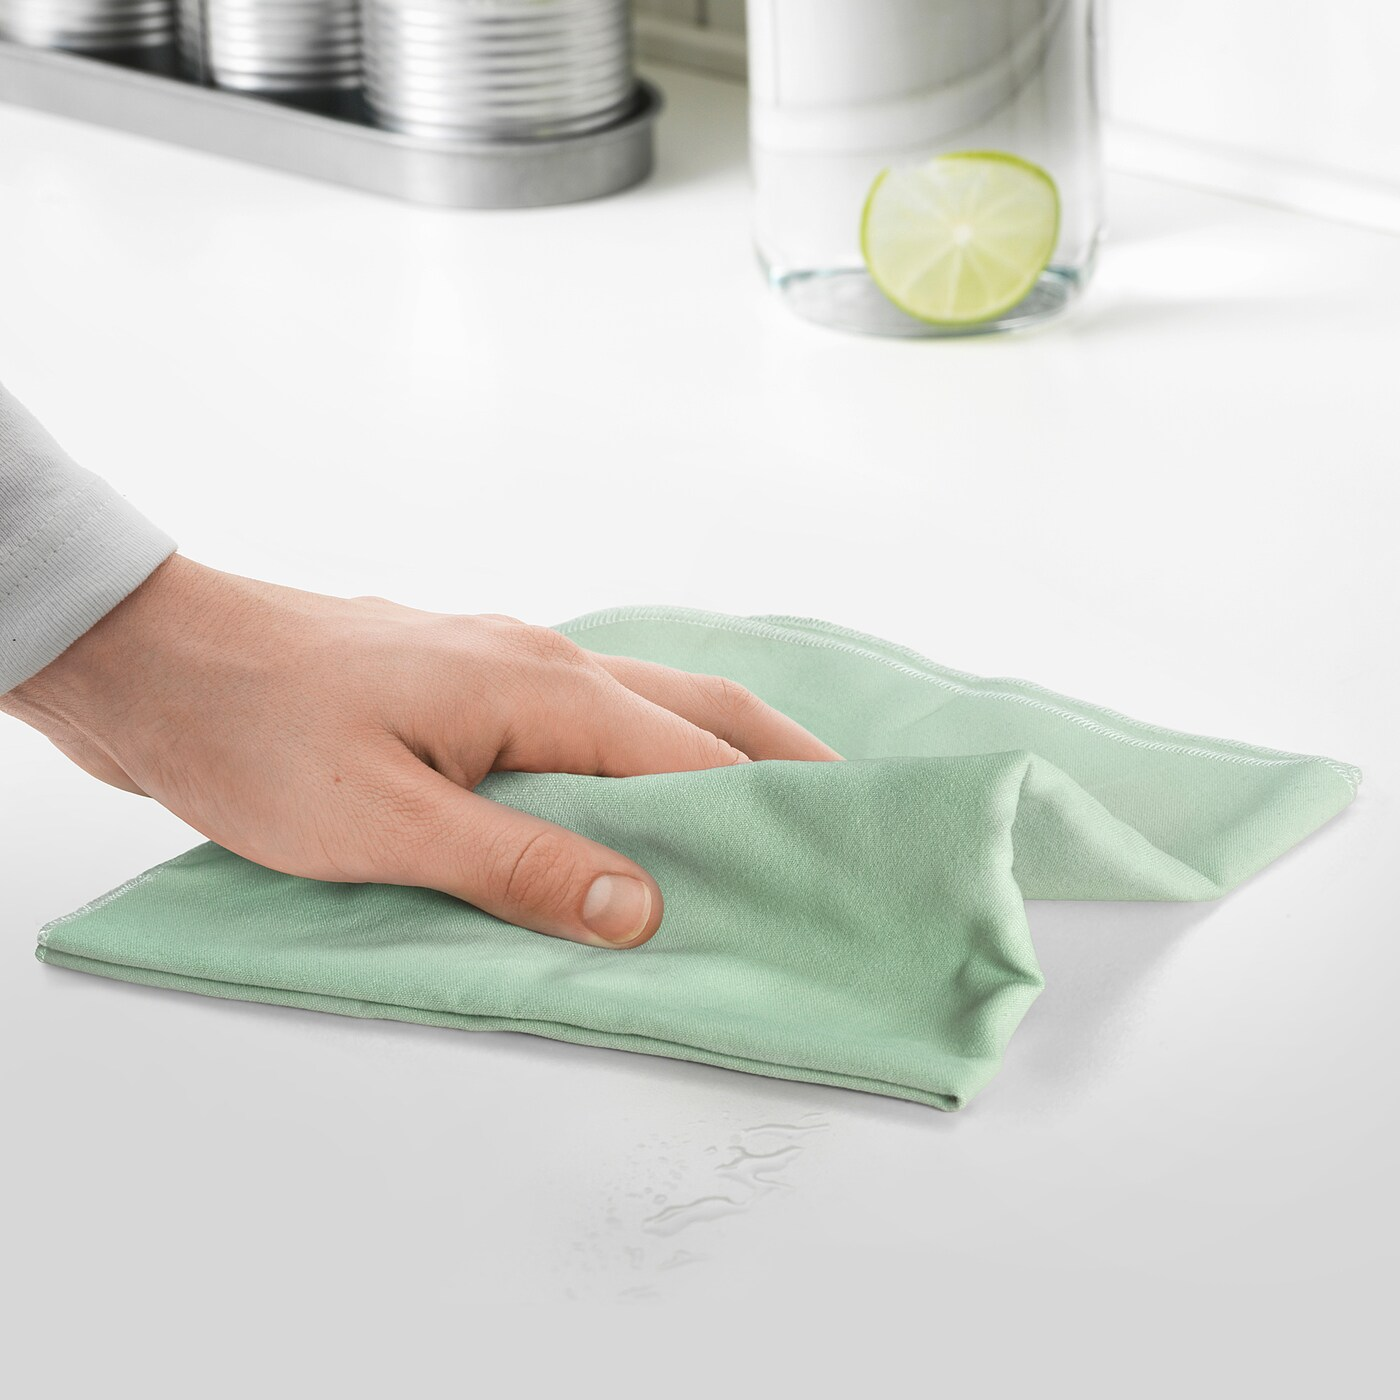 Особенности использования тряпки из микрофибры для уборки